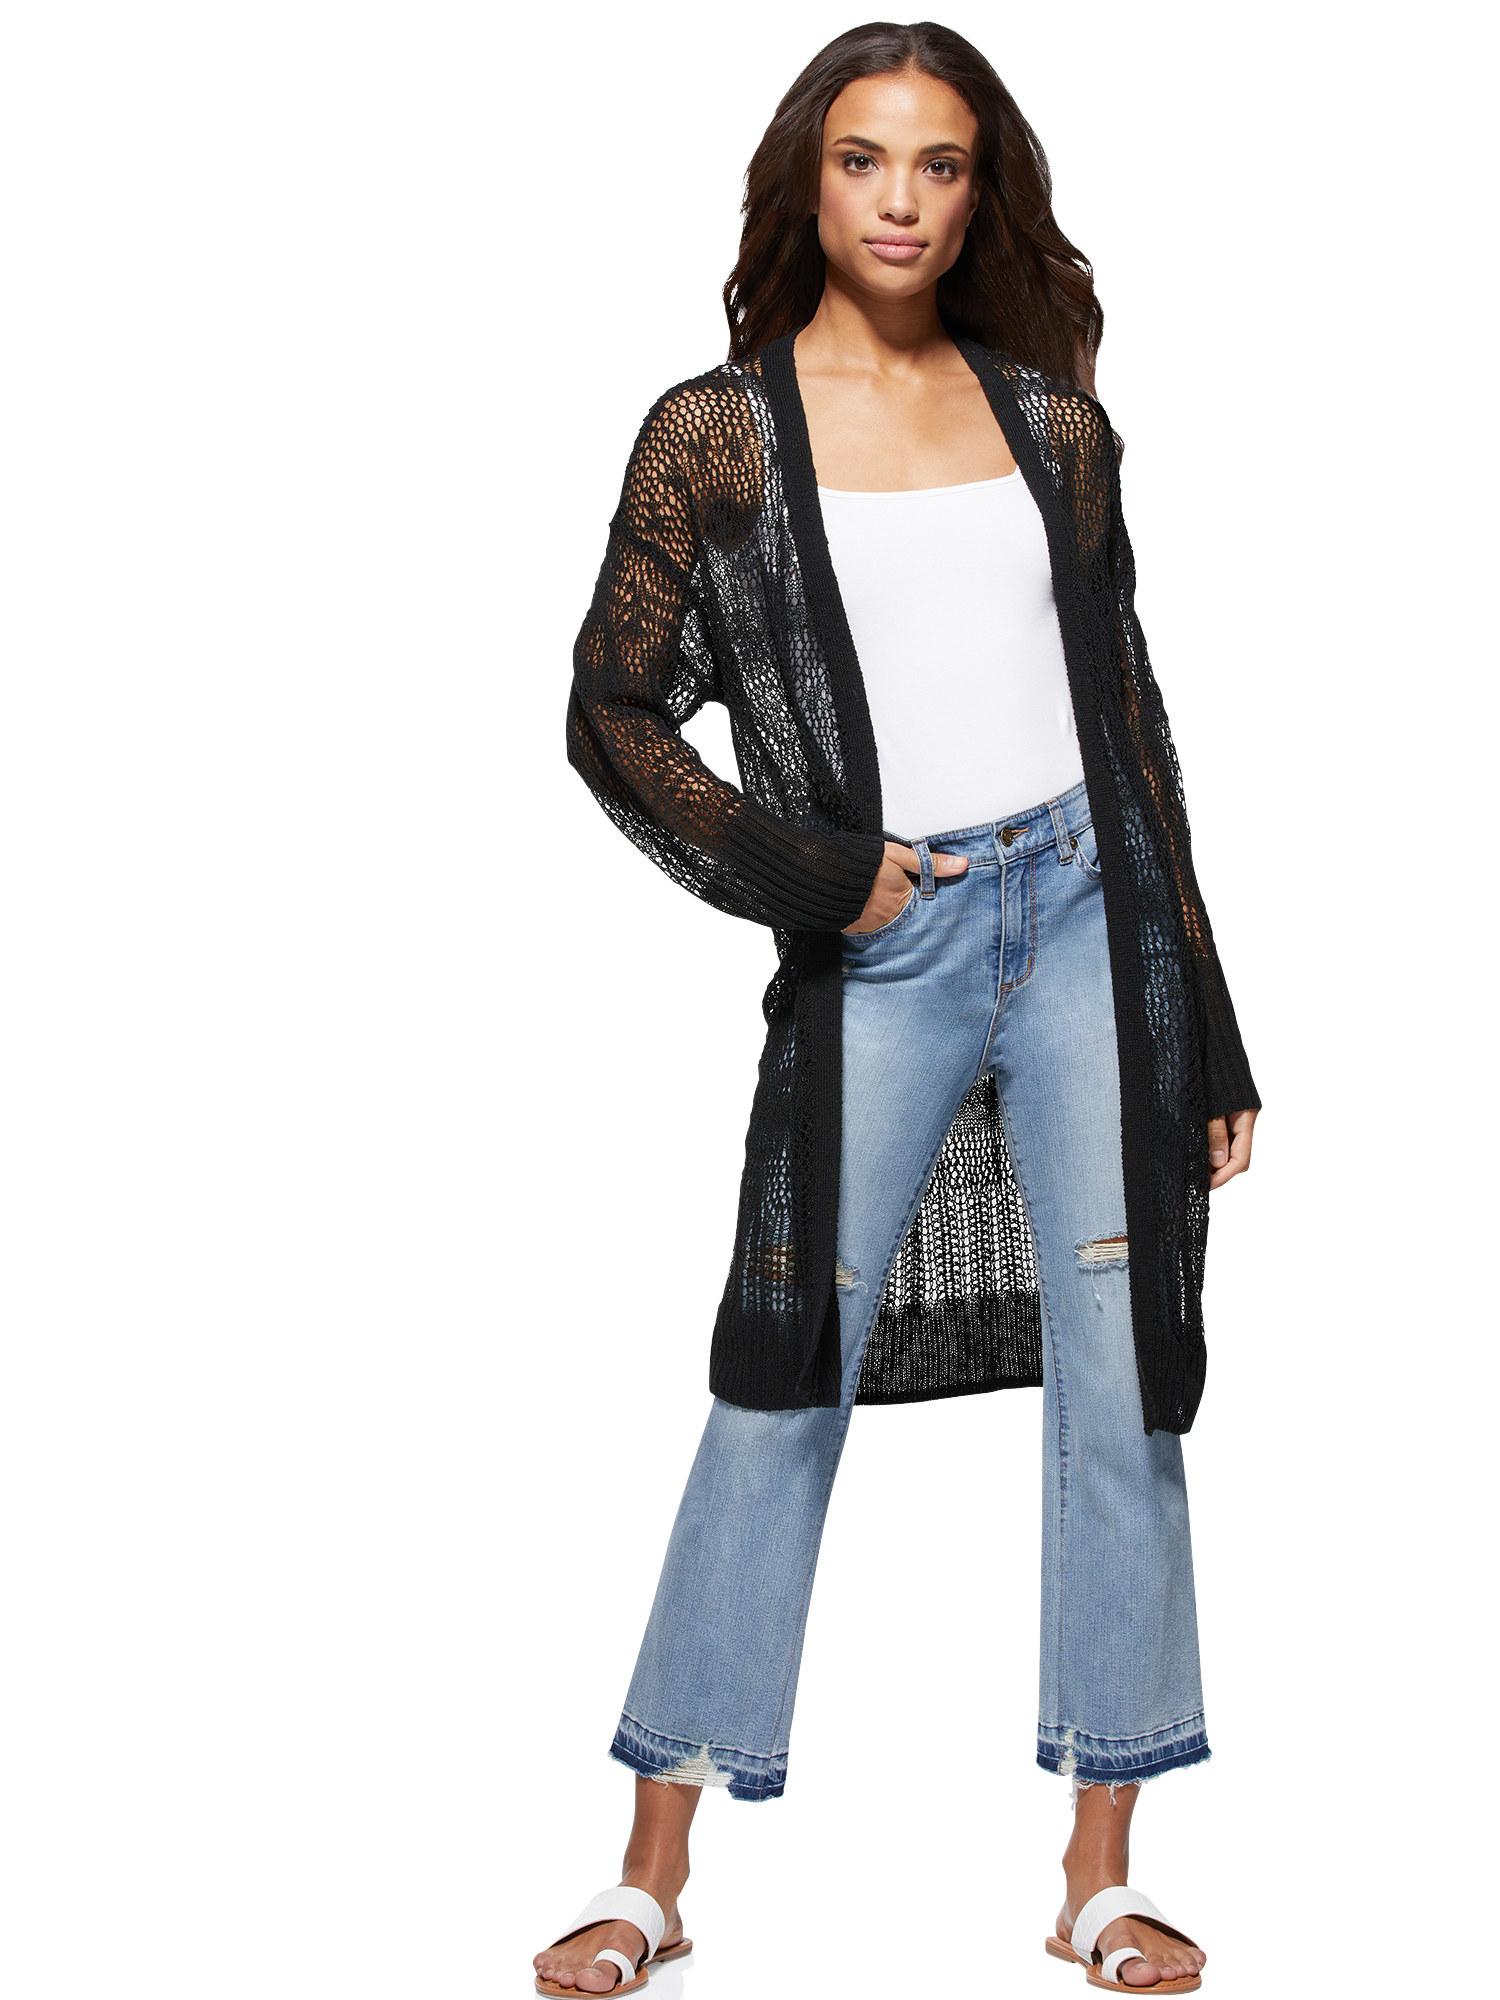 Model wearing open front cardigan